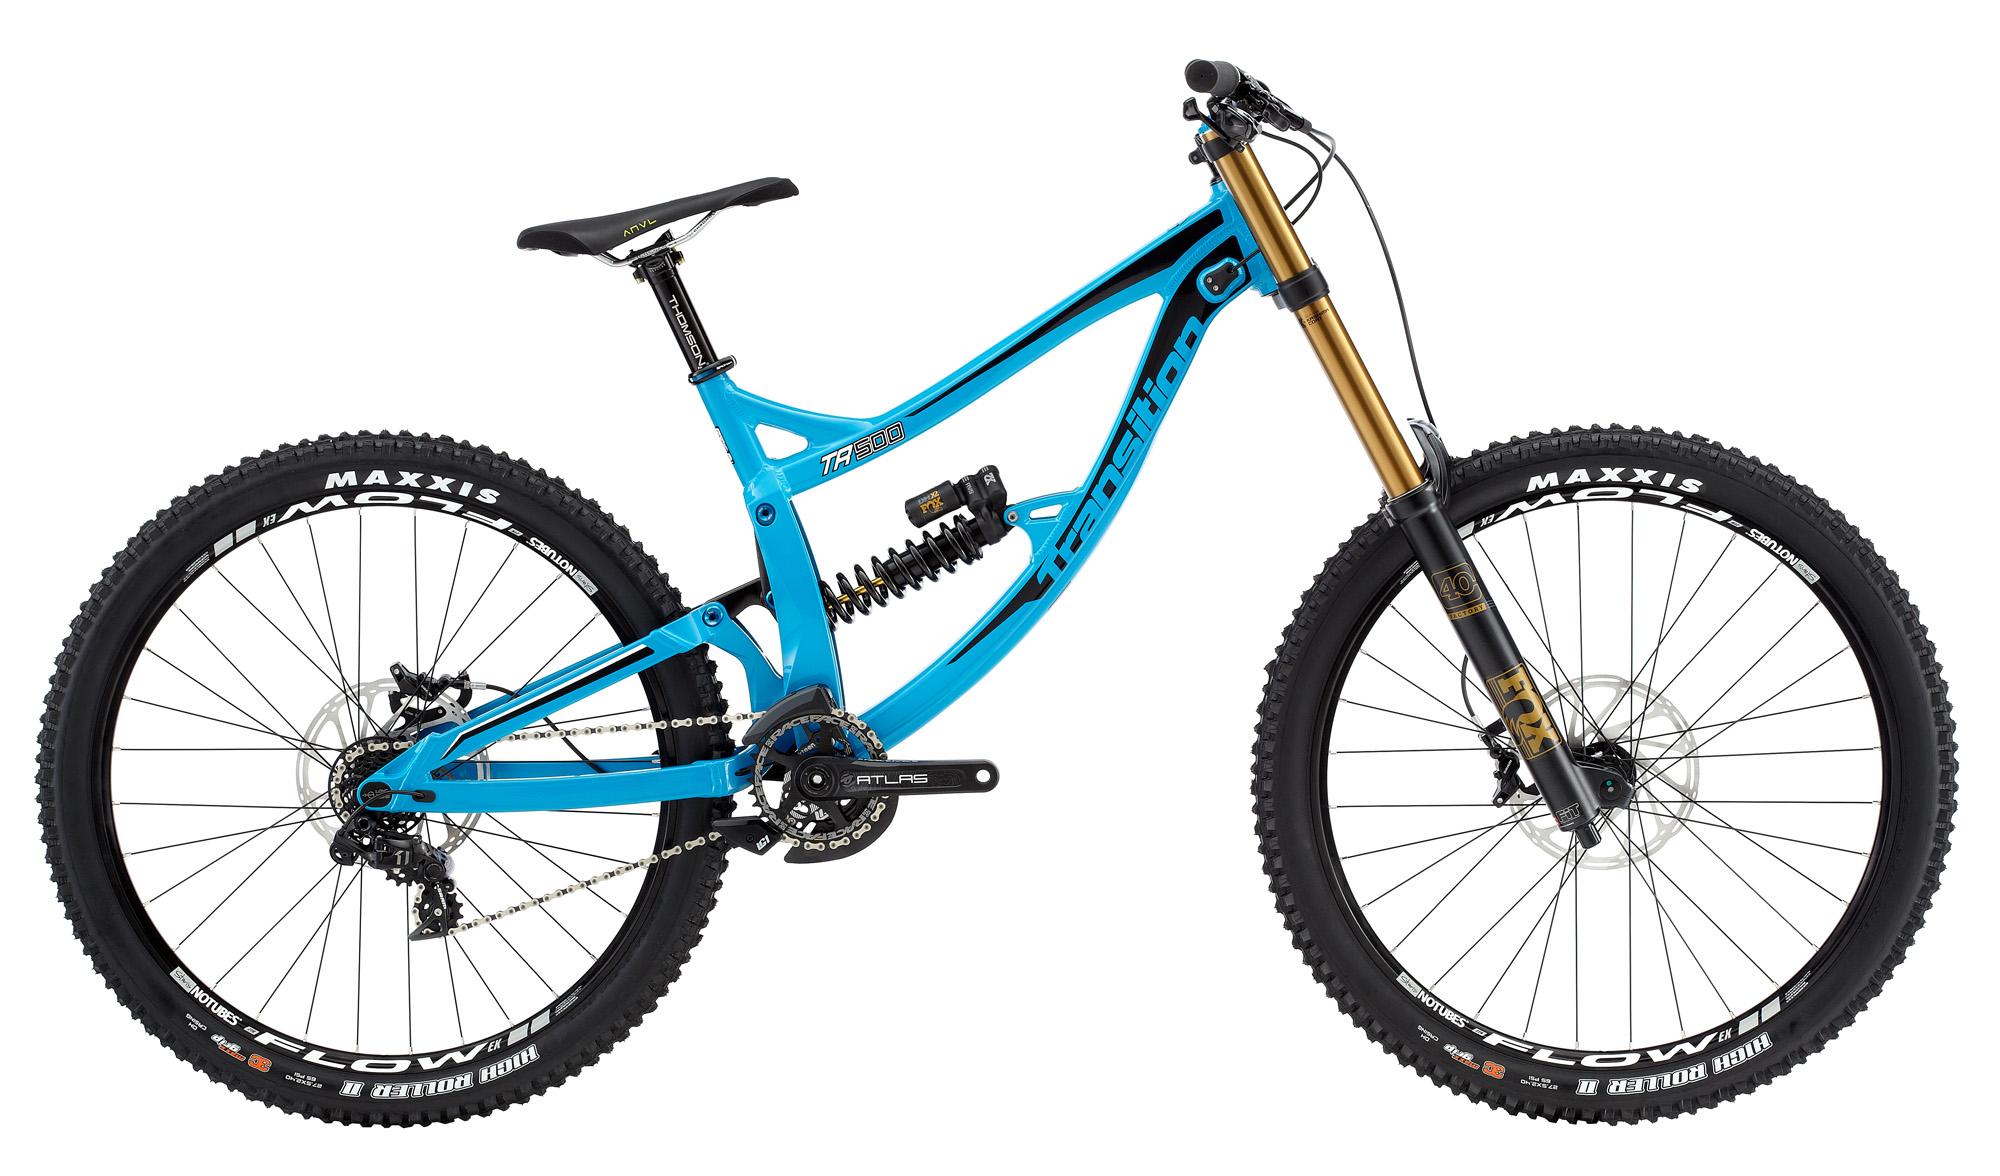 Das TR500 wird entweder als Rahmenset oder in drei verschiedenen Varianten als Komplettbike verkauft. Hier sieht man das von uns getestete Model Complete Kit 1.